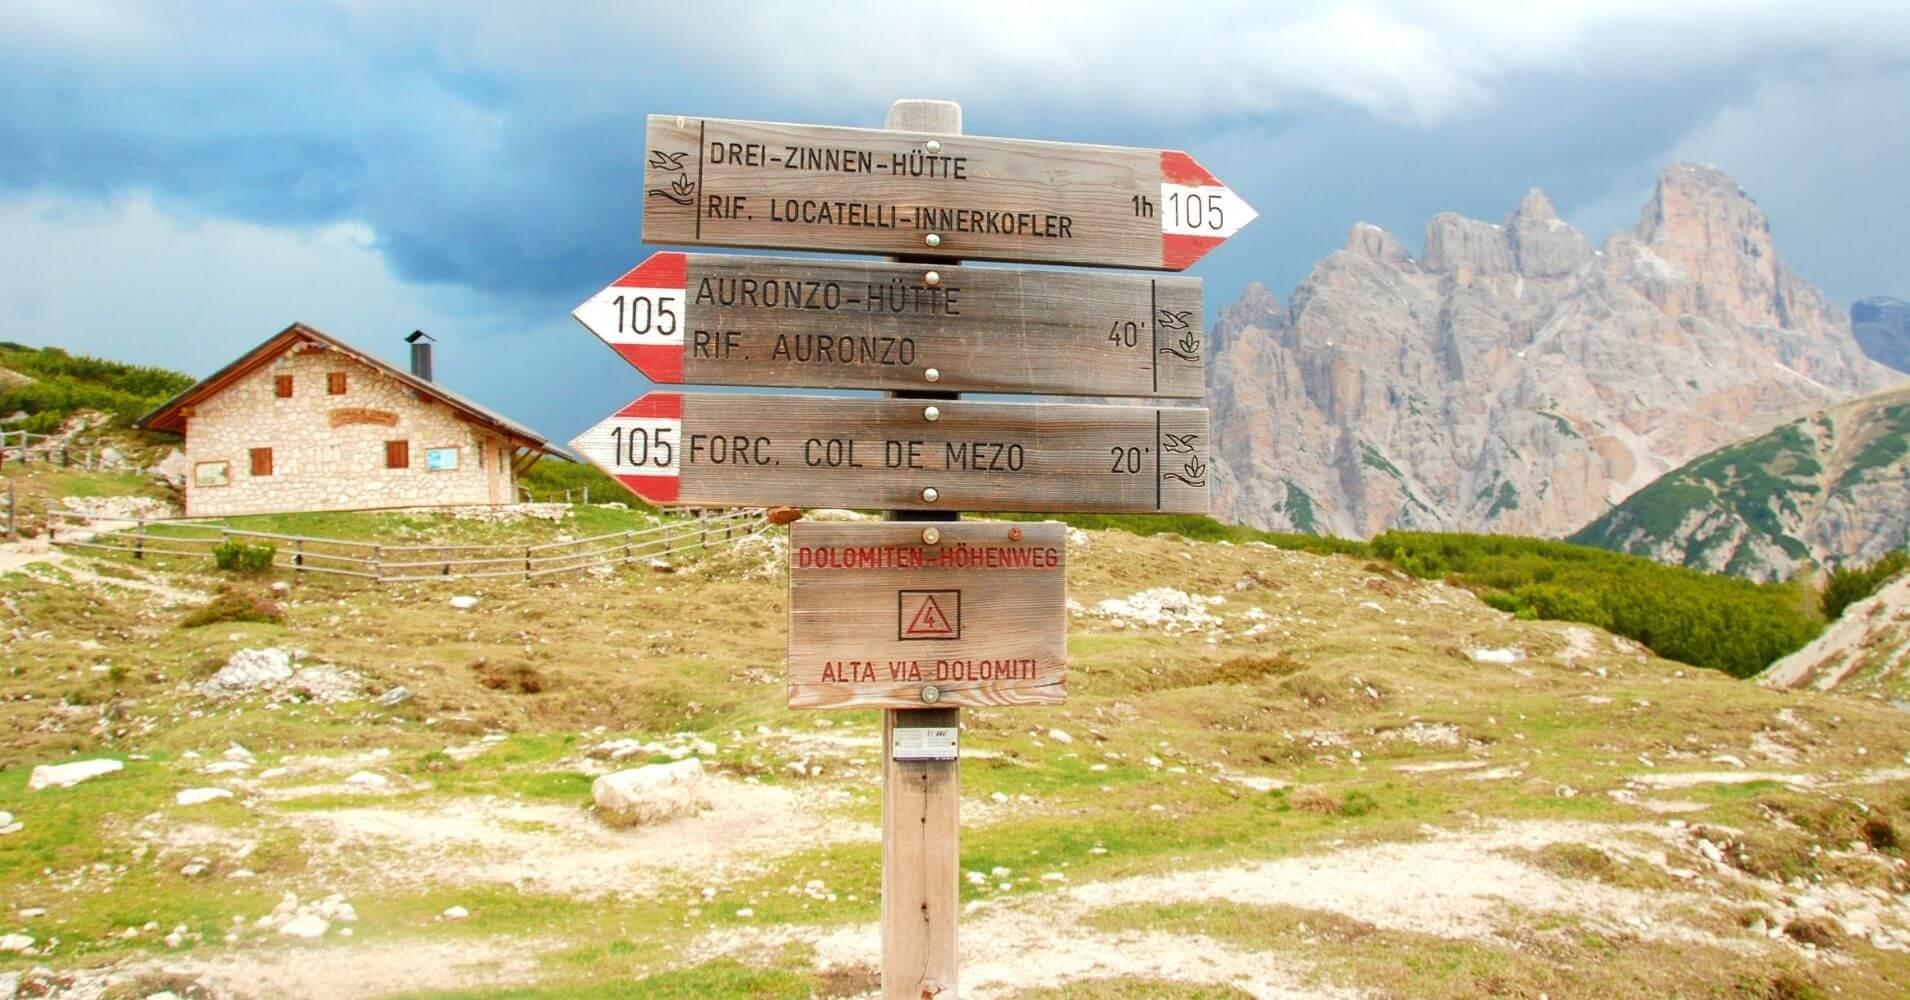 Rifugio de Lange, Langalm. Tres Cimas di Lavaredo. Alpes Dolomitas. Belluno, Véneto. Italia.